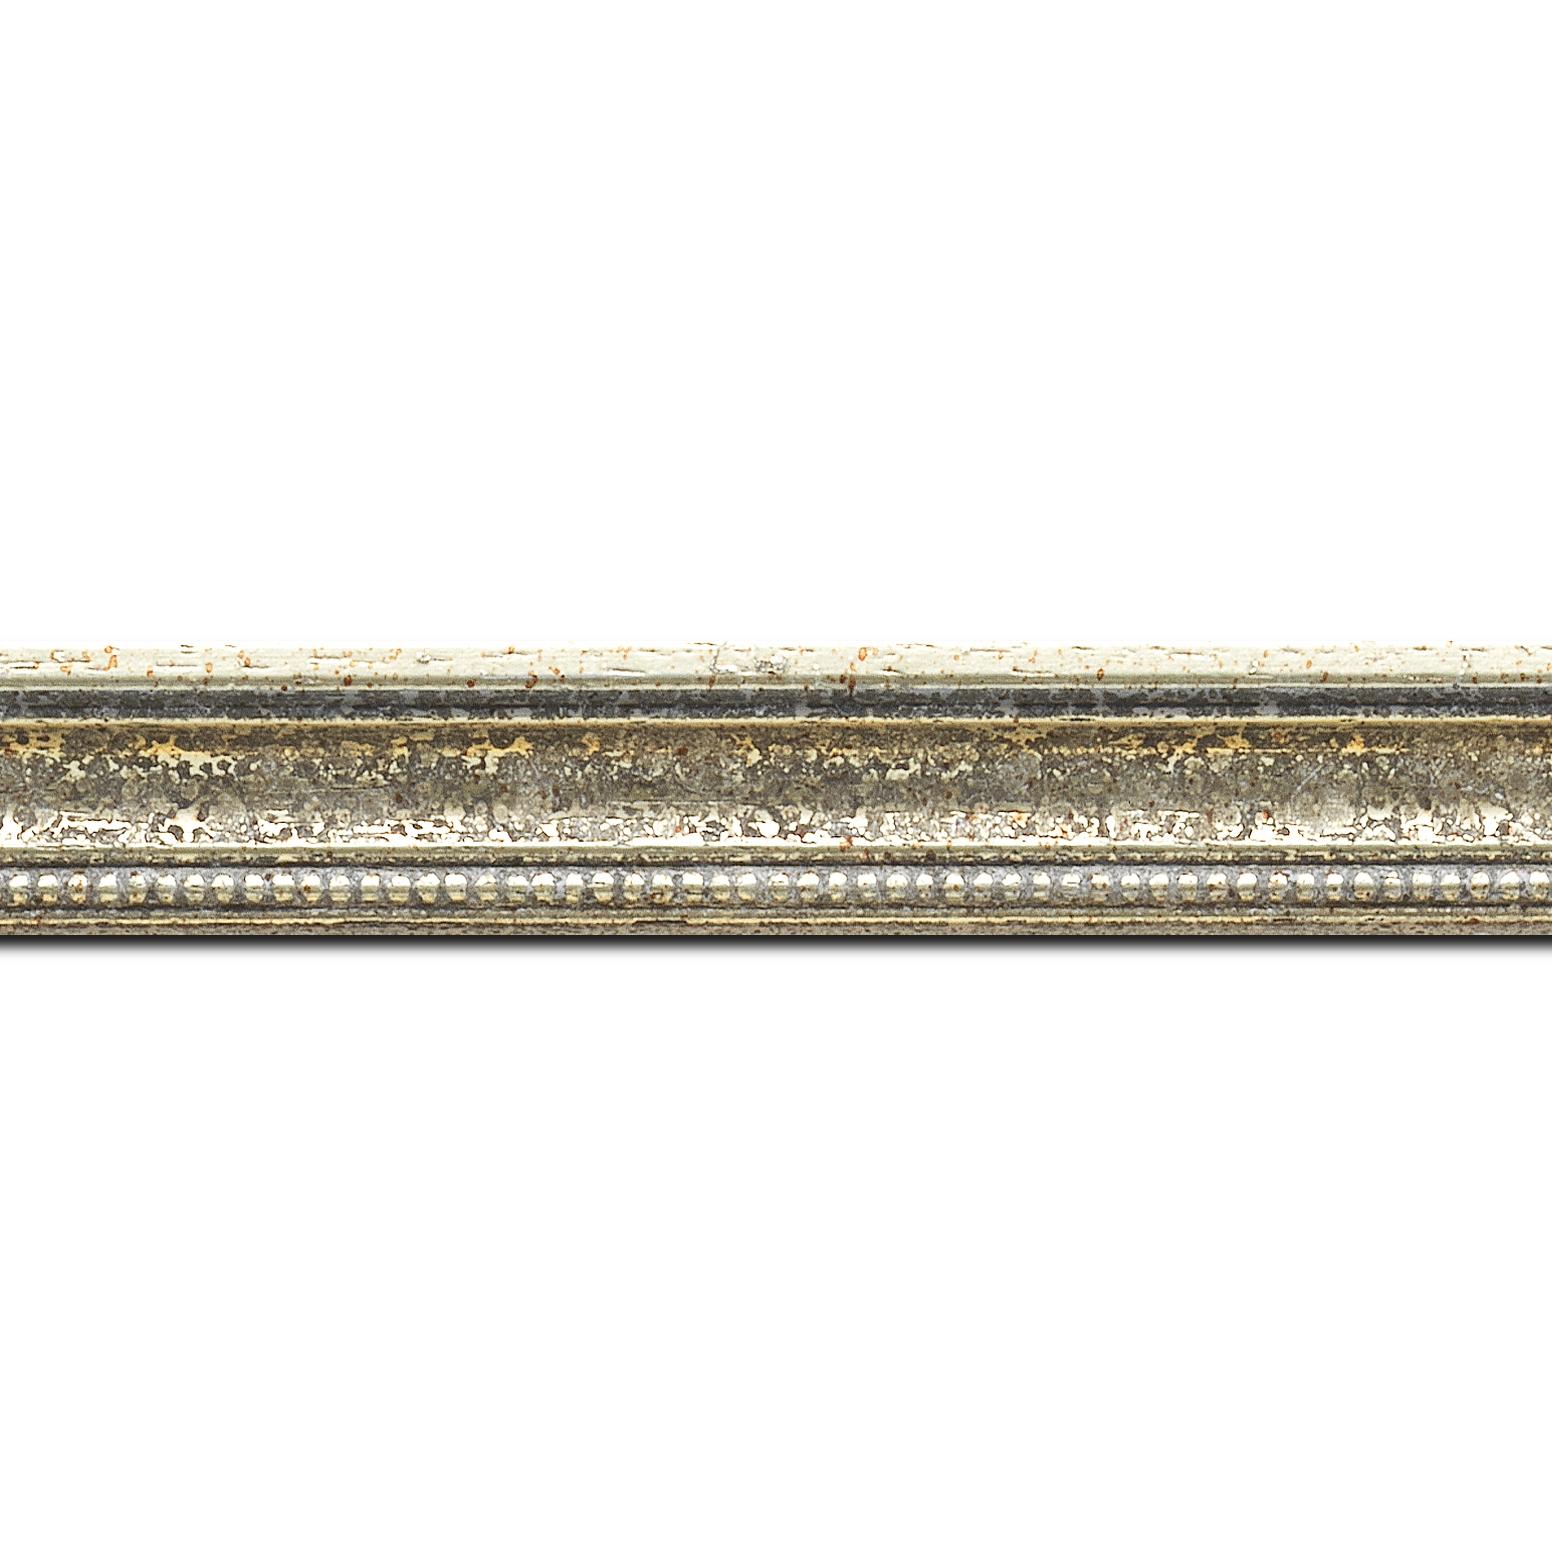 Baguette longueur 1.40m bois profil incuvé largeur 2.4cm  argent antique gorge argent filet perle or